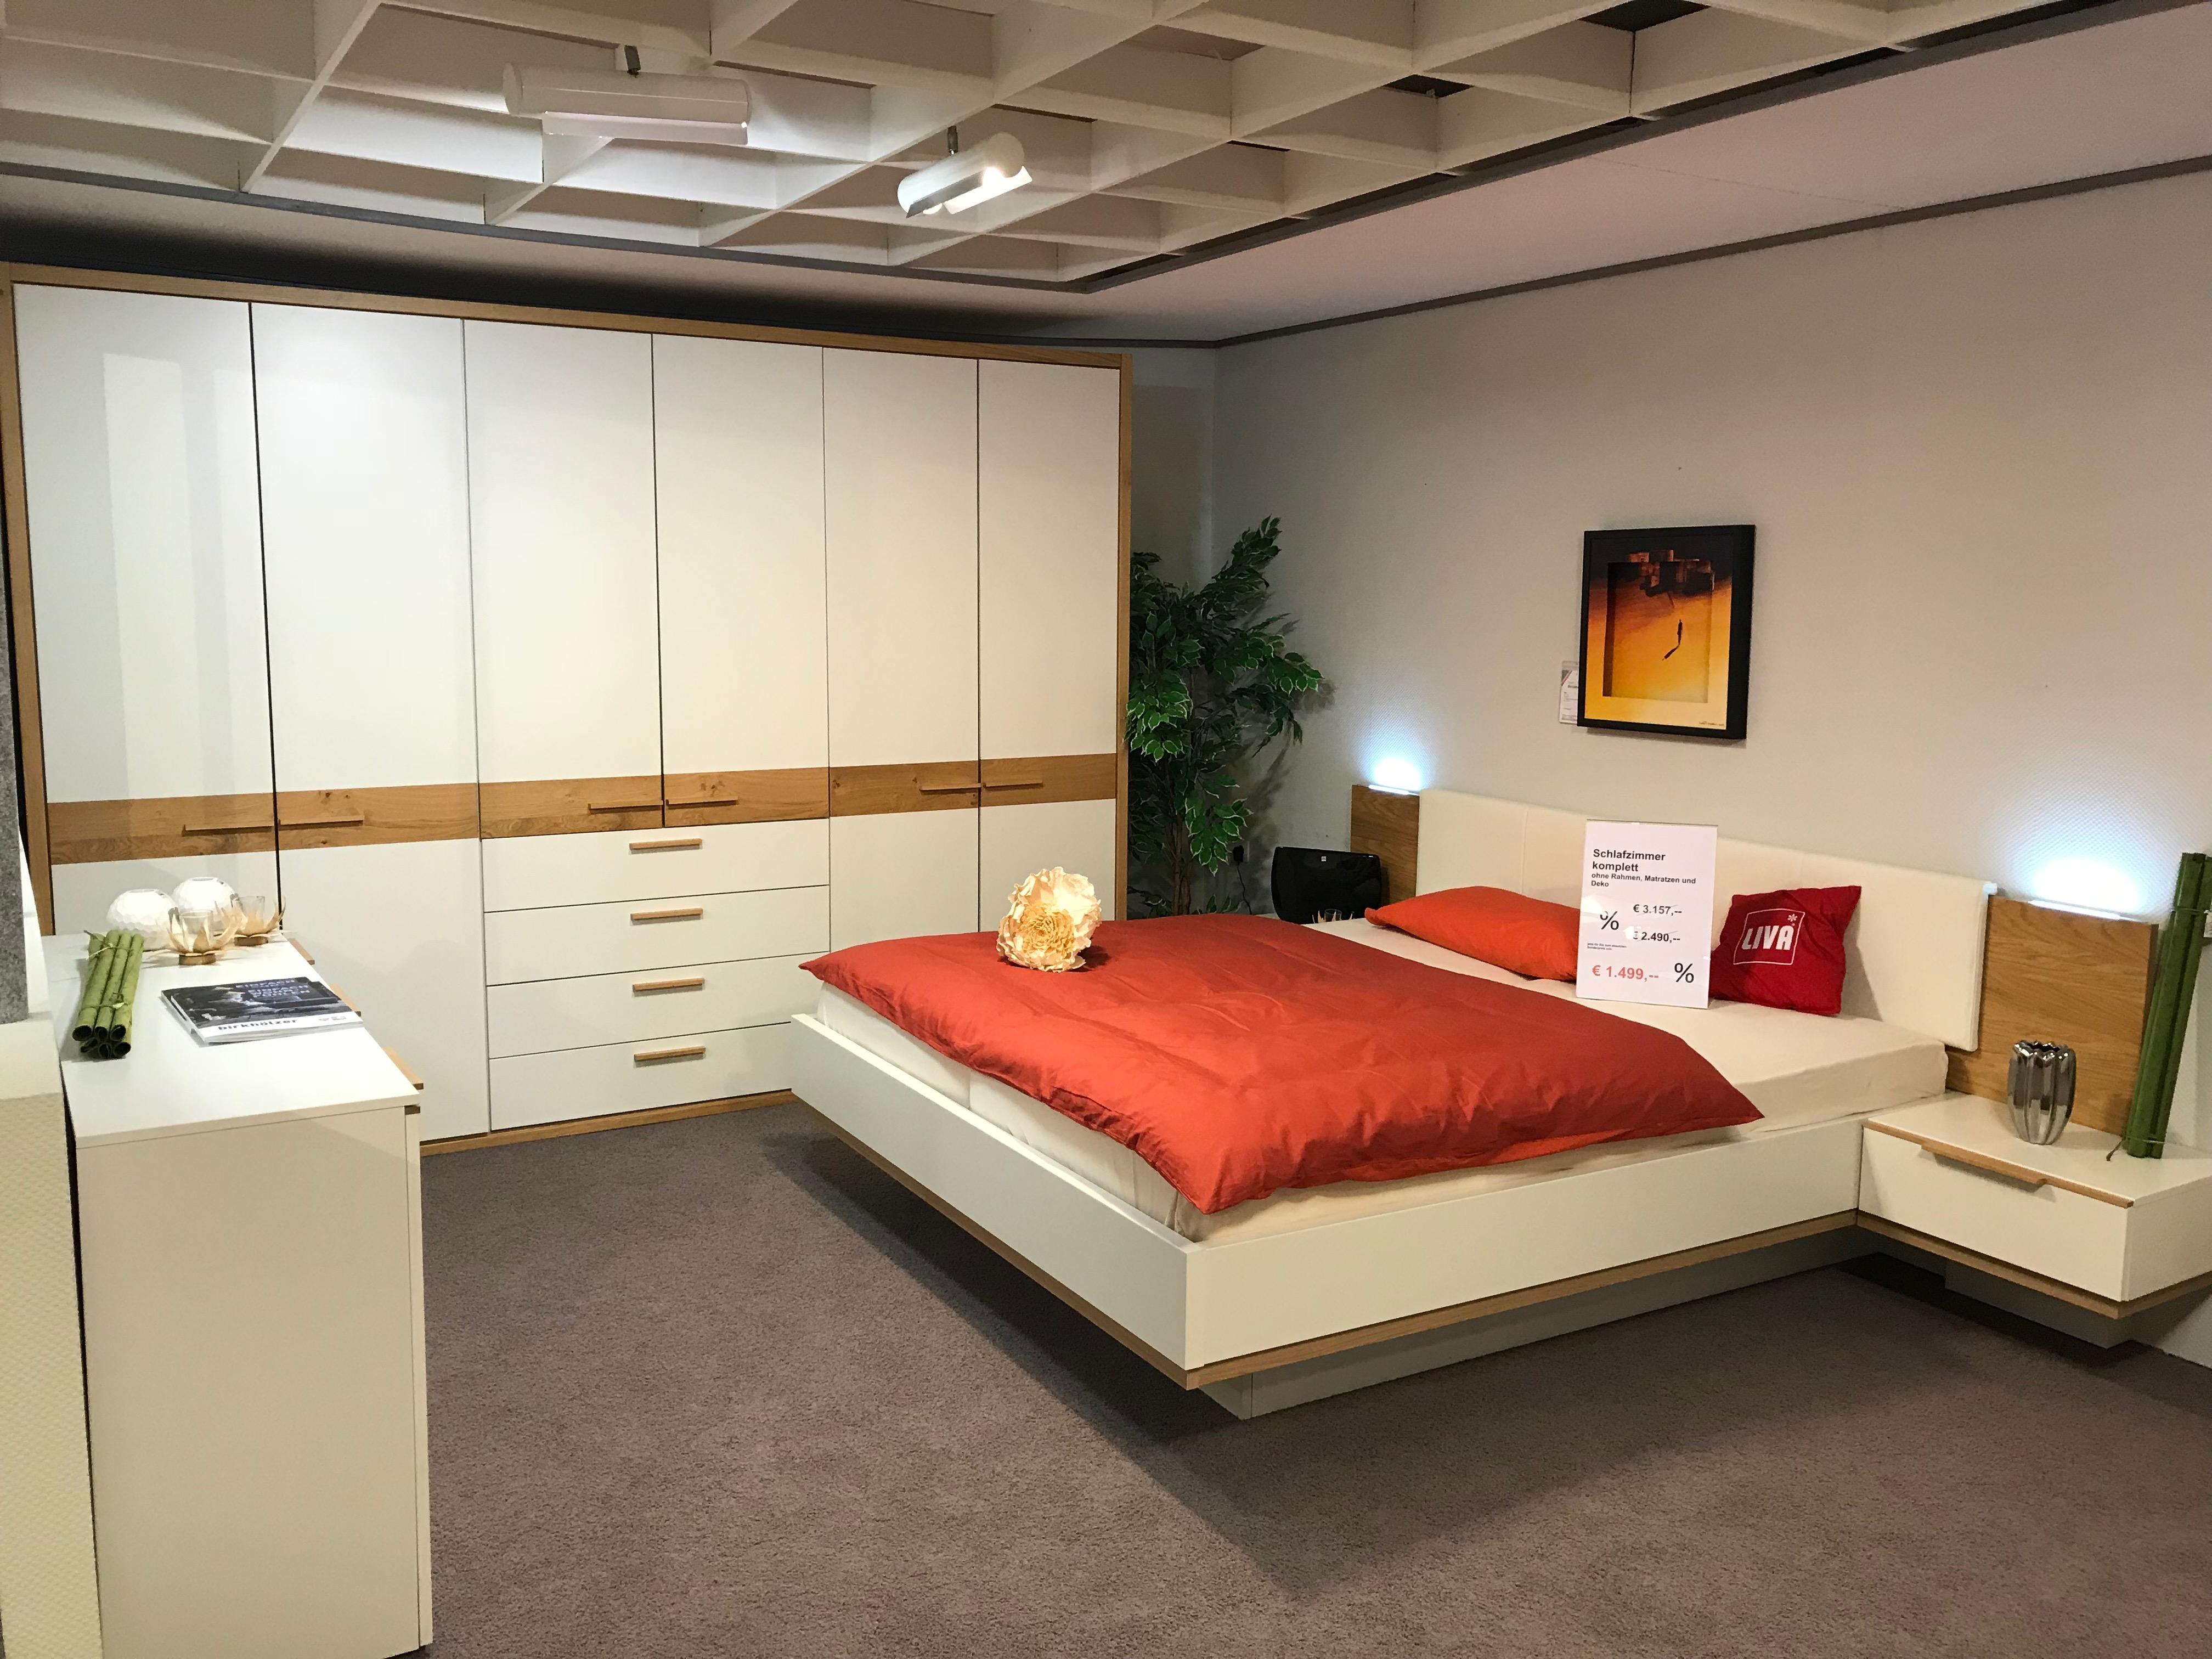 mein ausstellungsst ck nolte schlafzimmer. Black Bedroom Furniture Sets. Home Design Ideas